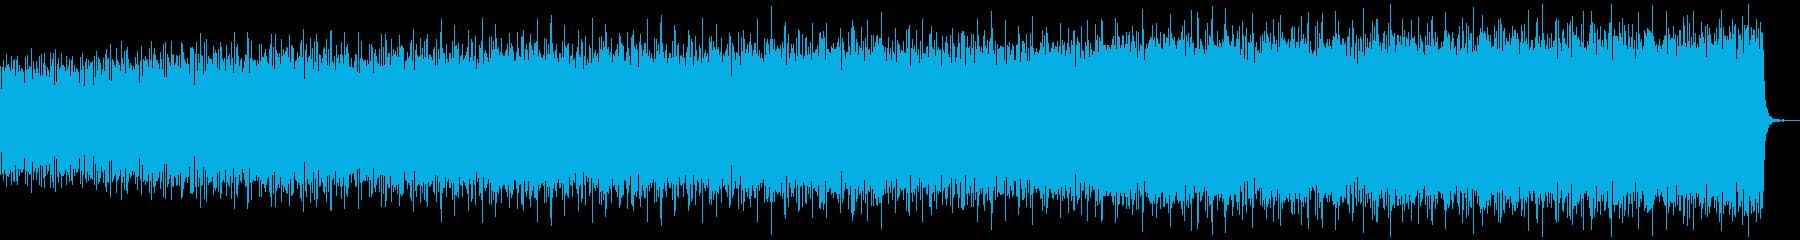 オーケストラ・企業VP・感動的の再生済みの波形